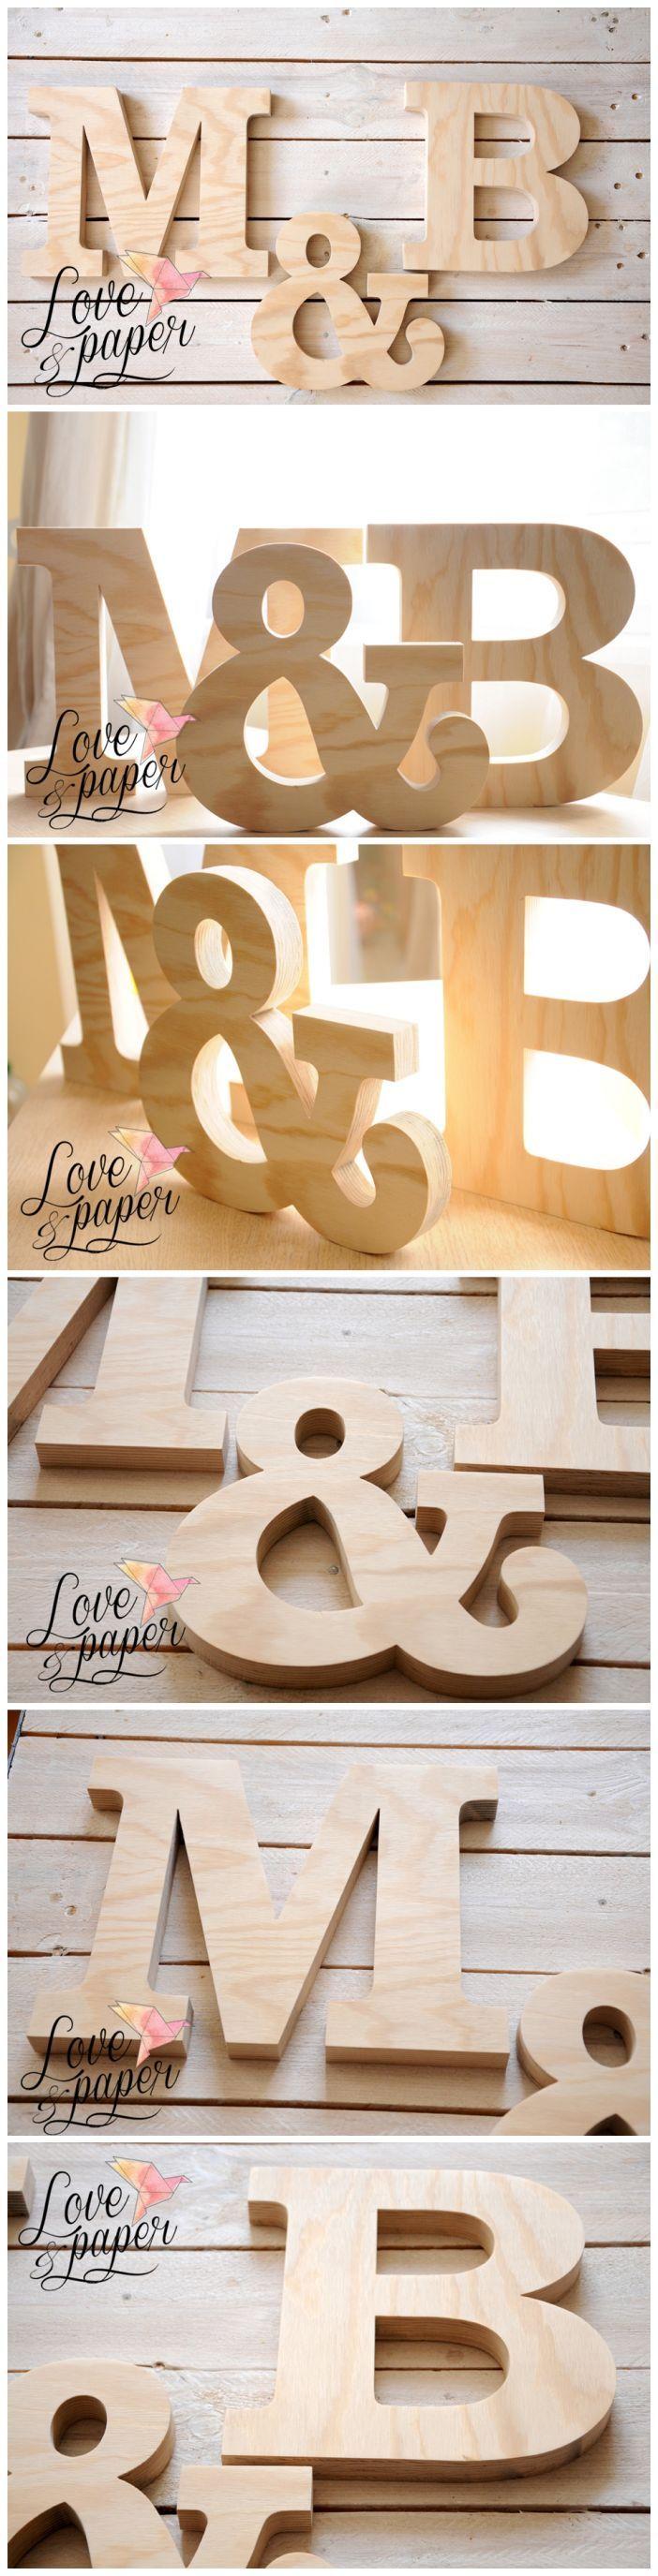 Eleganckie drewniane litery lość: 3 szt. - przykład M & B wysokość litery: M B – 25 cm wysokość litery: & - -23 cm materiał: sklejka grubość sklejki: 2.5 cm